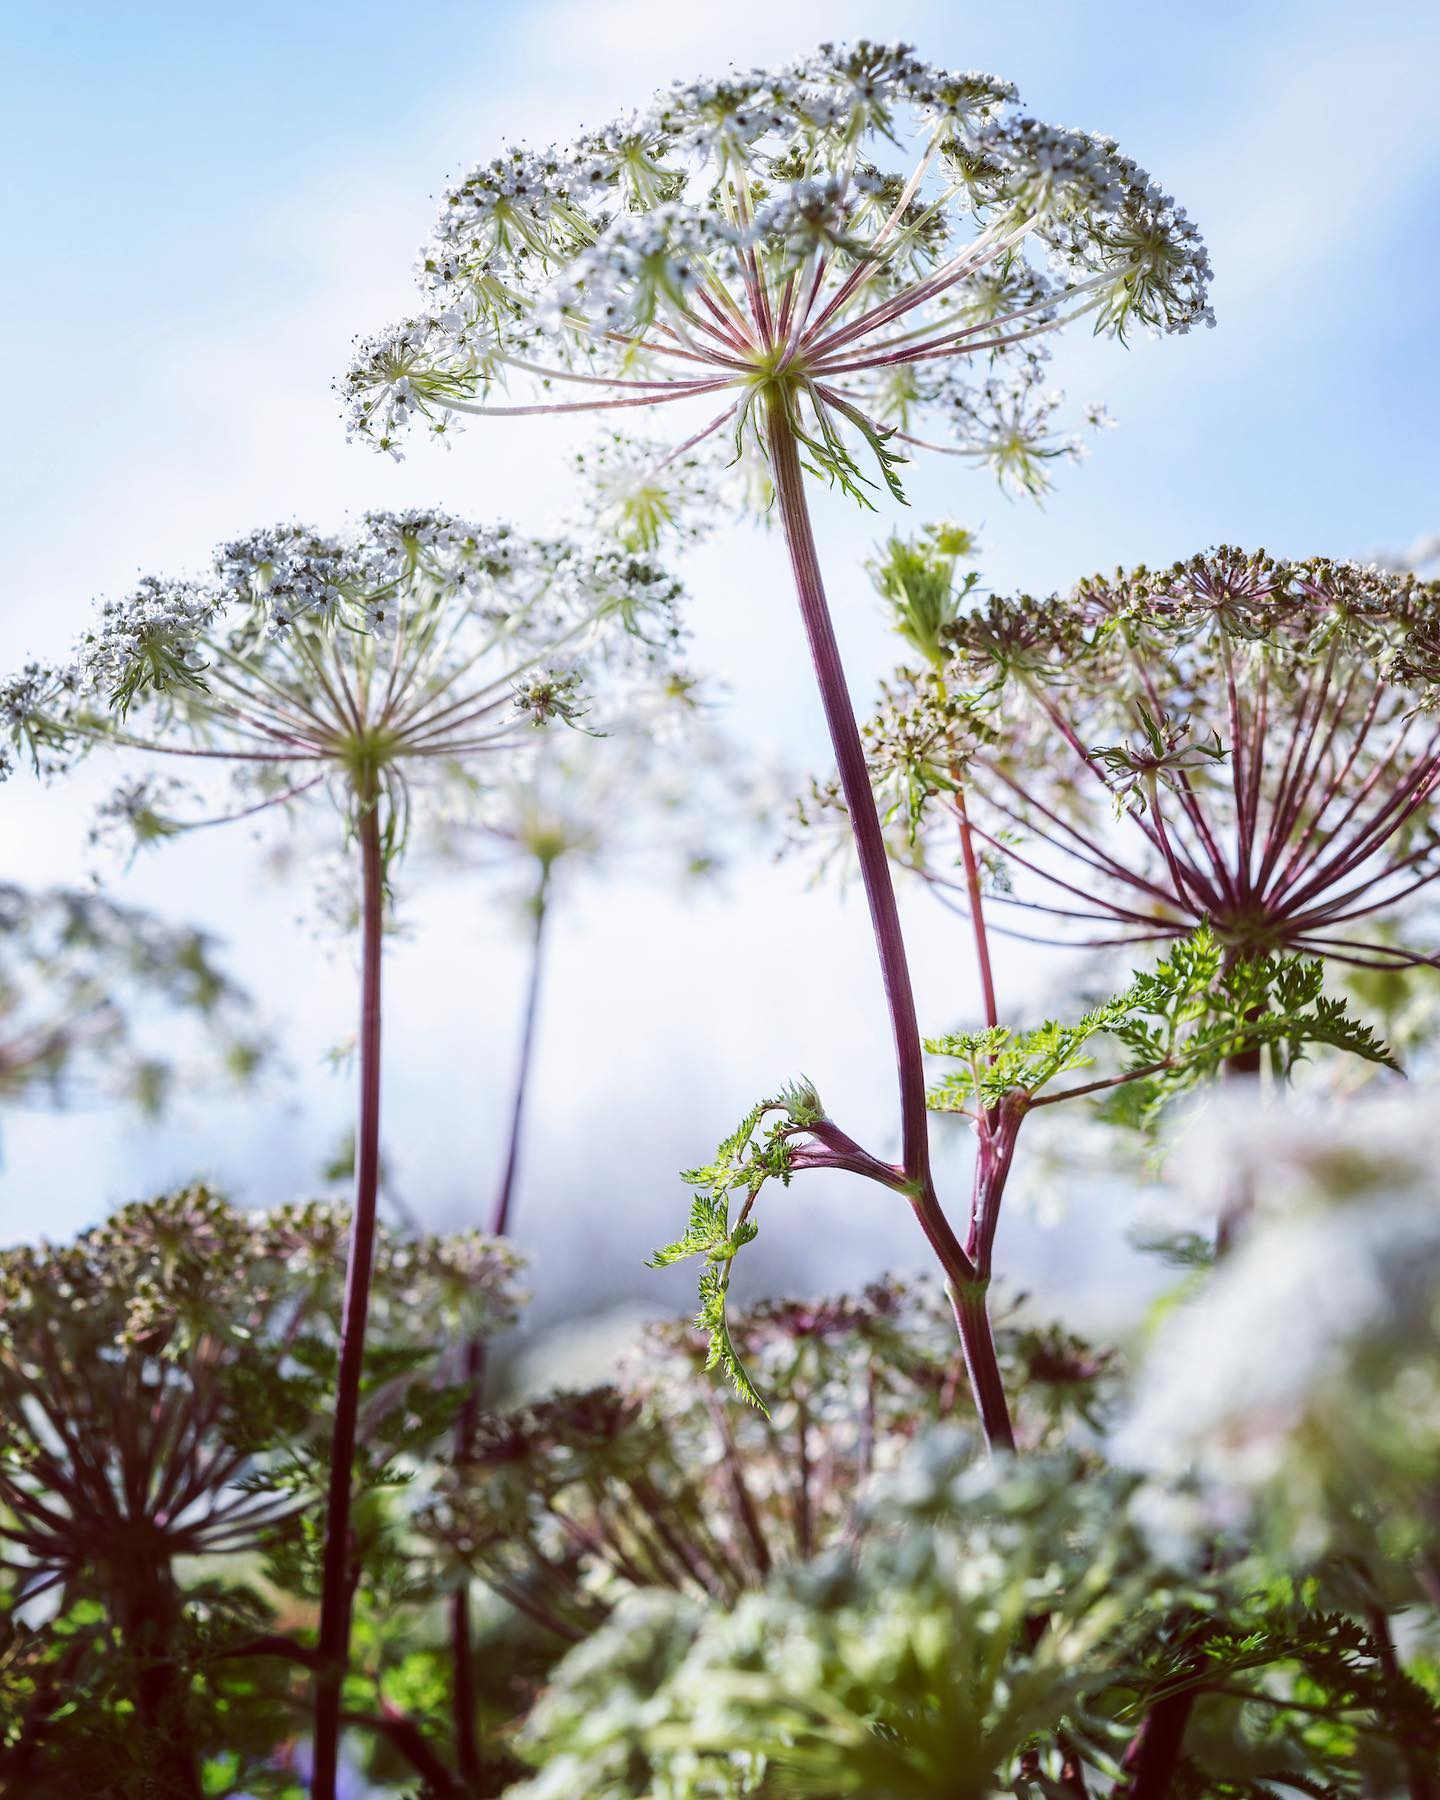 Selinum wallichianum ...#plantphoto #plantphotography #plantphotography #plantphotographer #selinumwallichianum #garden #gardenphotography #gardenphotographer #plantsofinstagram #nikonnordic #nikon #nikonphotography #nikonphotographer